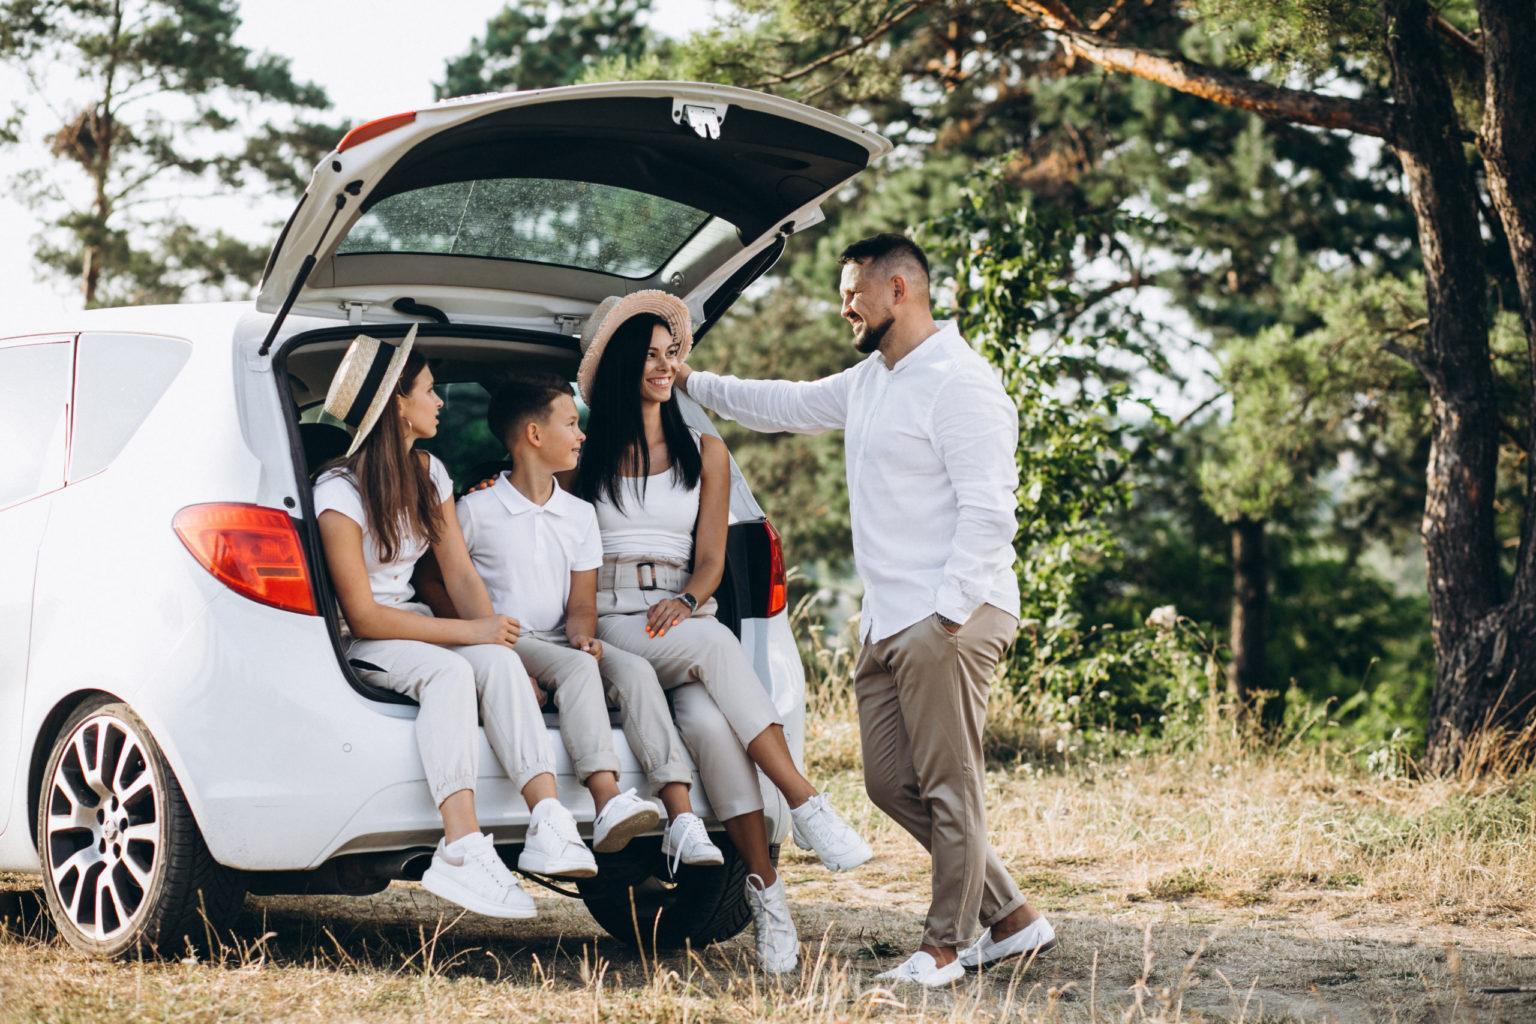 Reisen mit Kind kroatien auto hochzeit 6 scaled - 19 Tipps für lange Autofahrten nach Kroatien mit Kindern